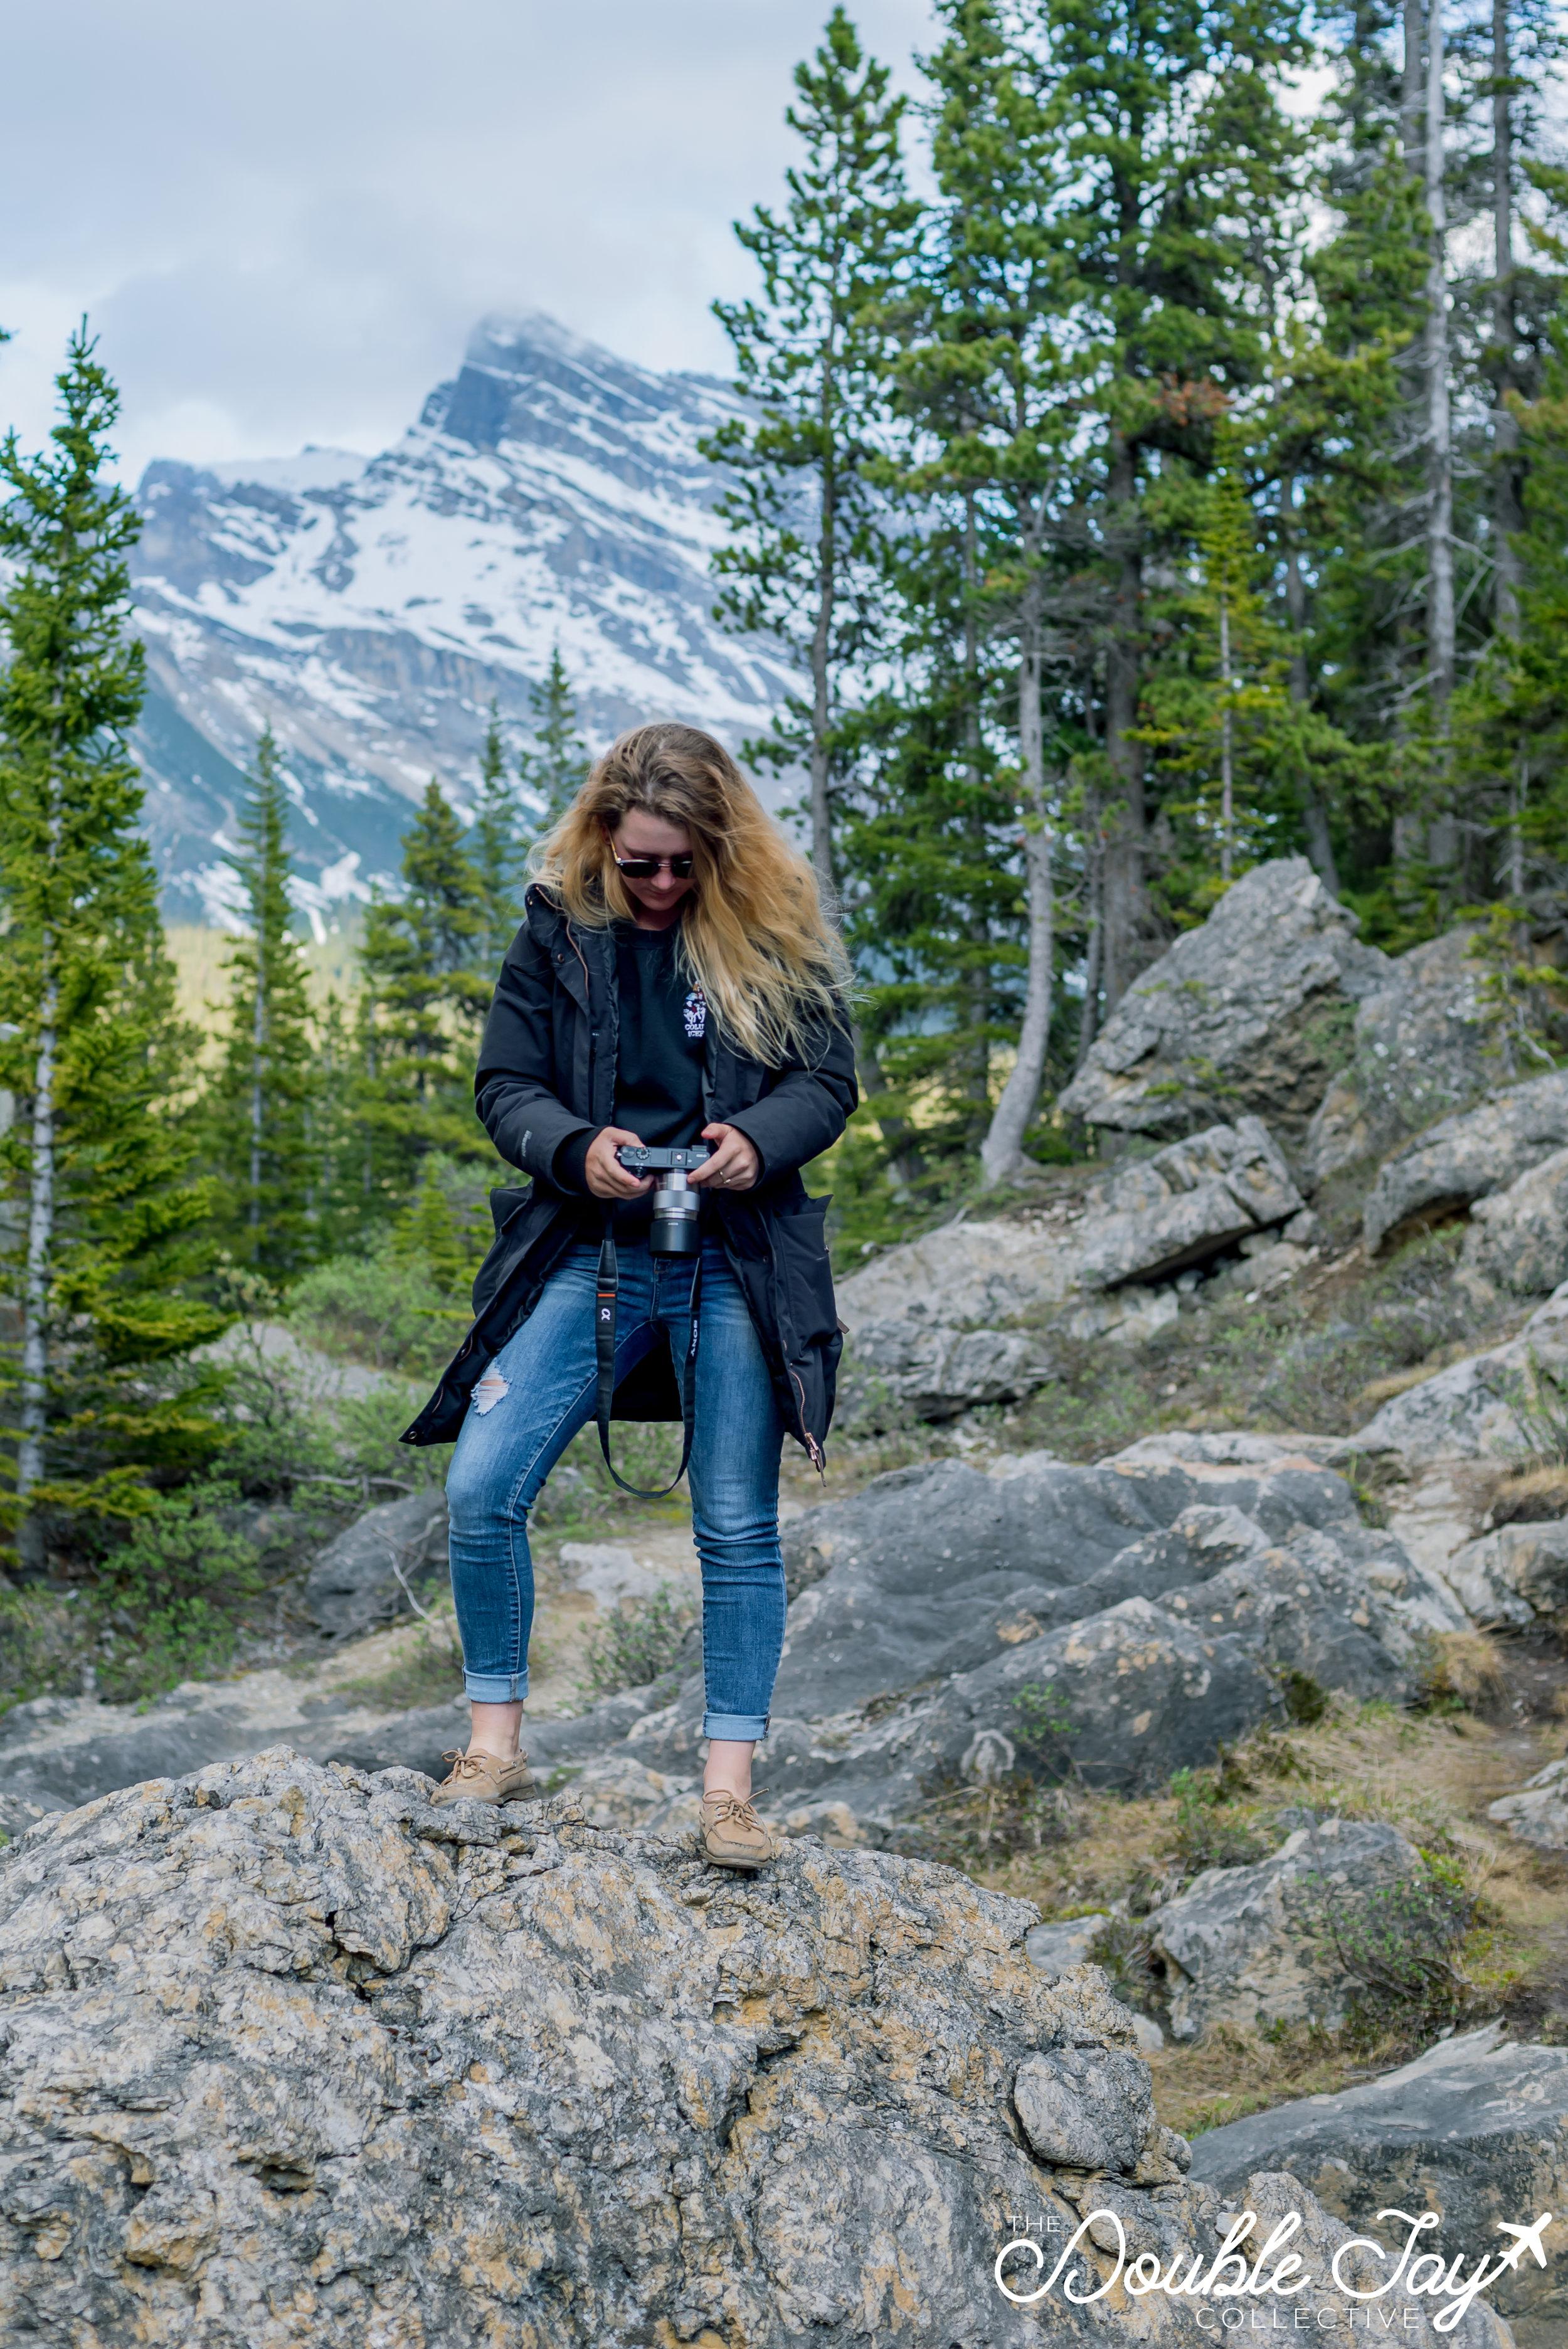 Photo Adventure - Jenny Jay_-3.jpg